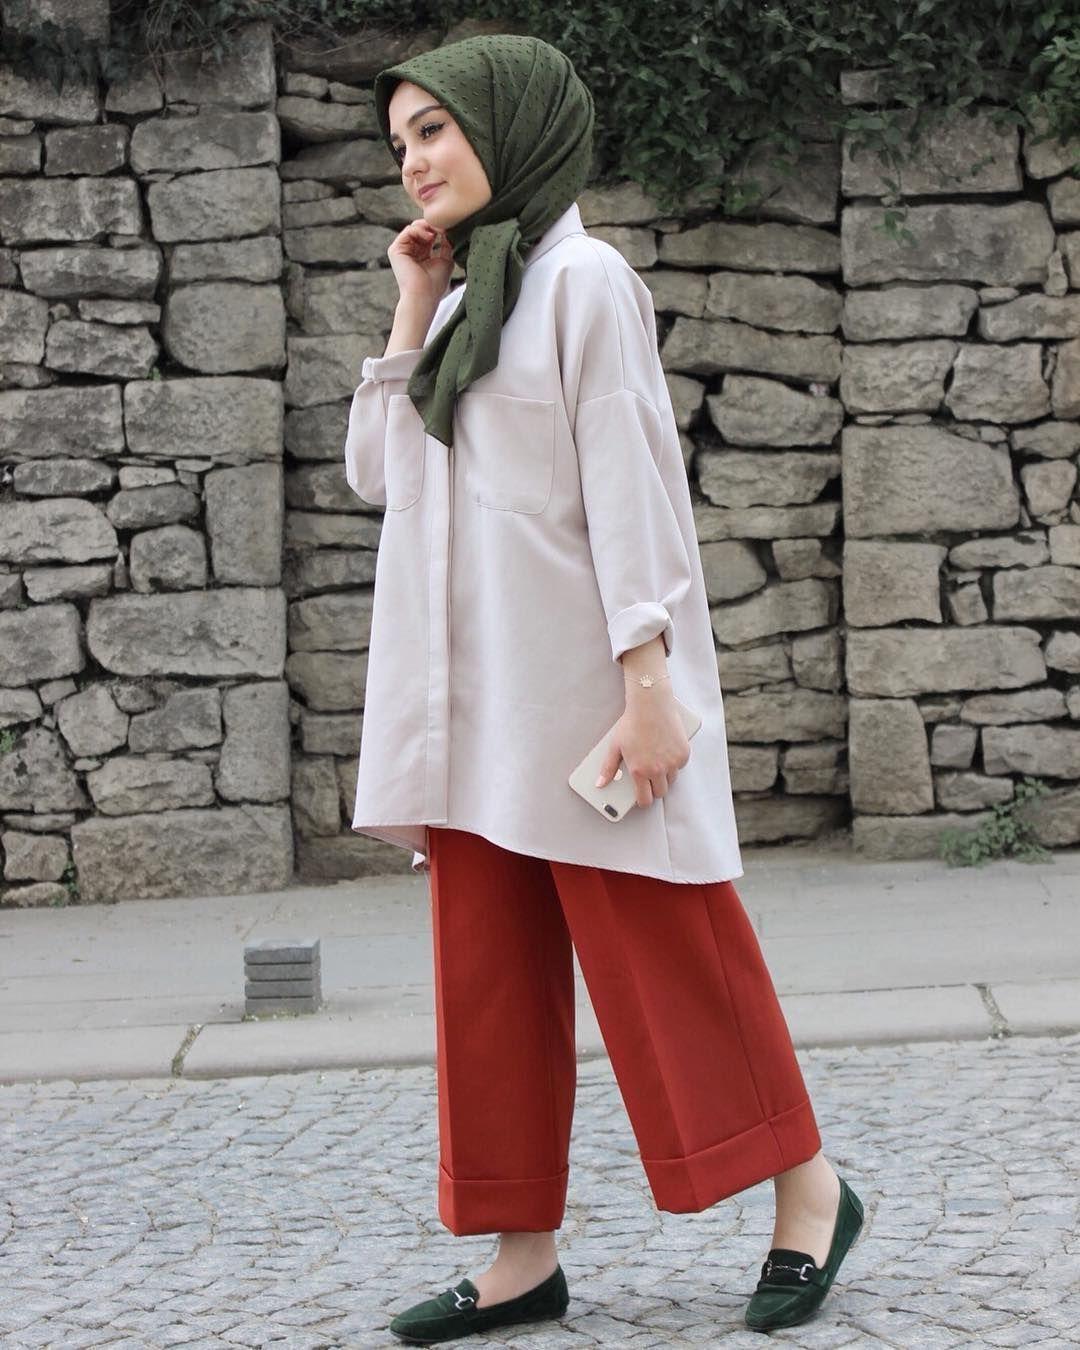 b21604811ff84 ALEYNA ATALAR 🌻 Islami Moda, Müslüman Modası, Mütevazı Moda, Abaya Modası,  Kıyafet